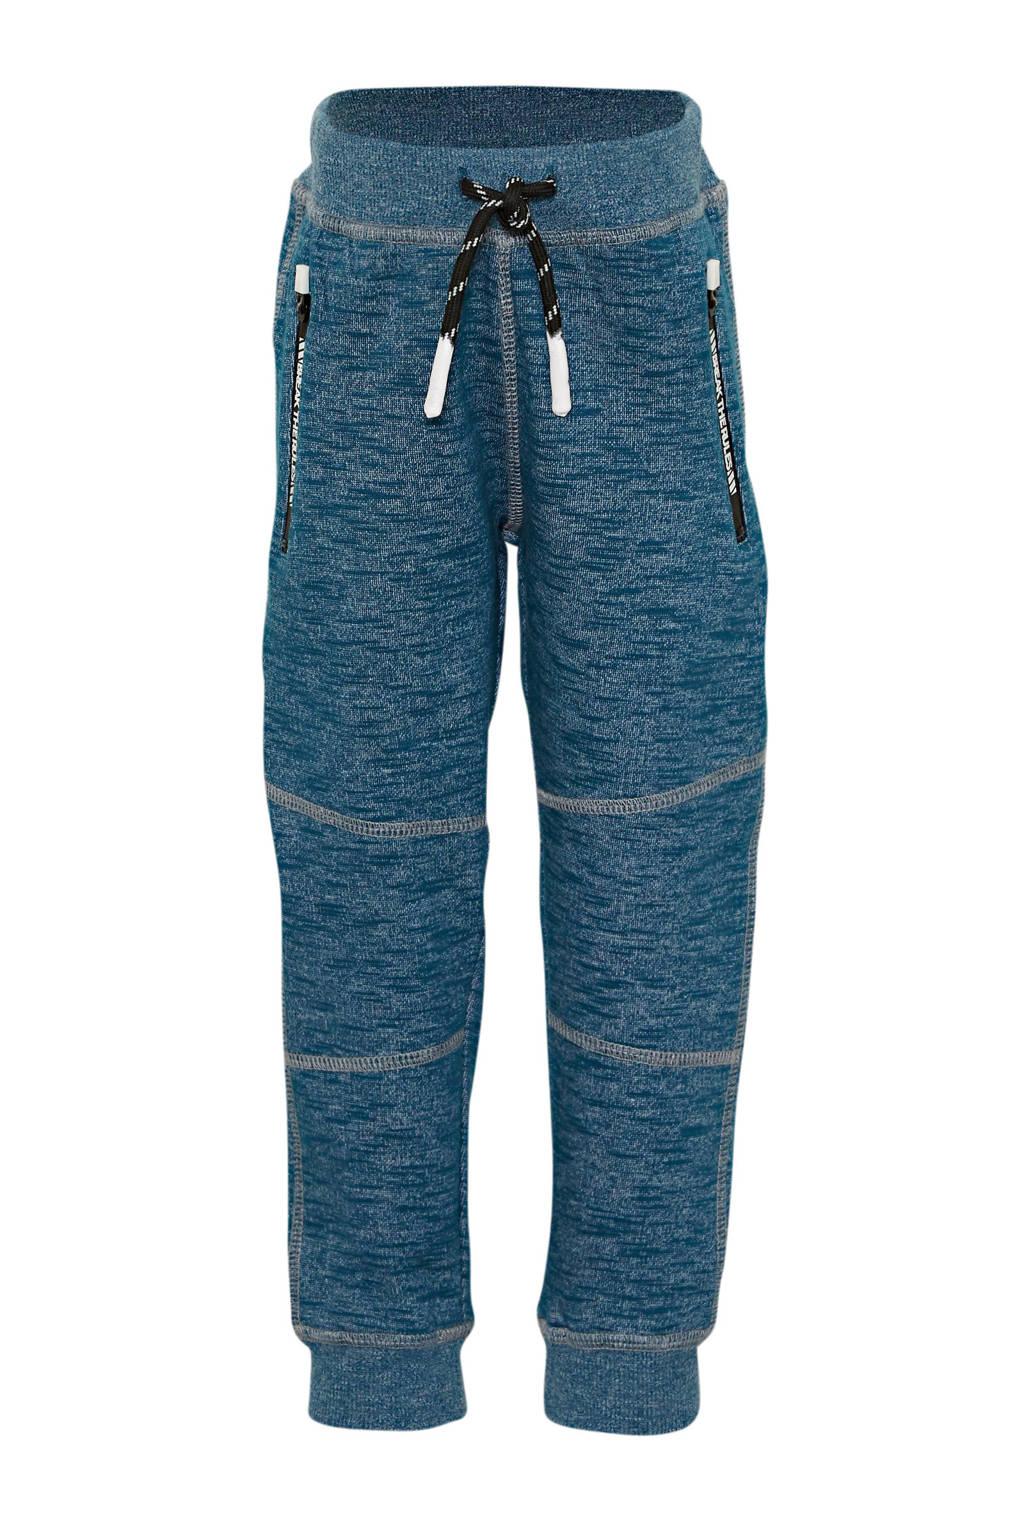 NAME IT MINI gemêleerde joggingbroek Namic met biologisch katoen blauw, Blauw